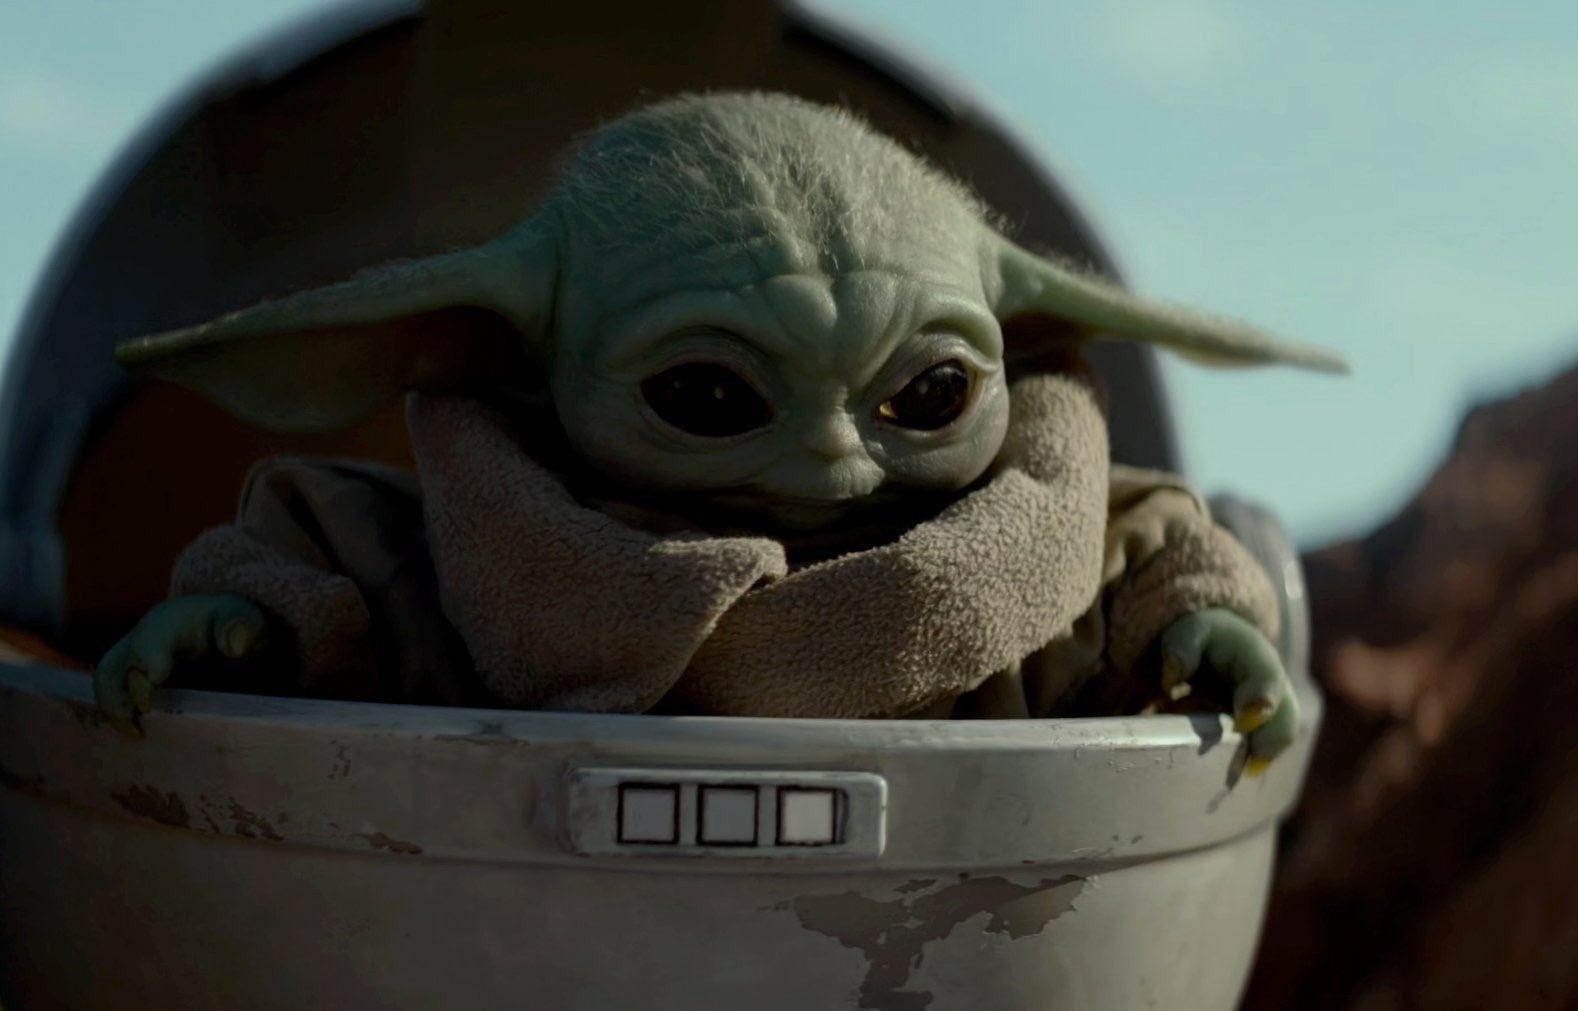 216 2169018 baby yoda lego star wars pfp baby yoda